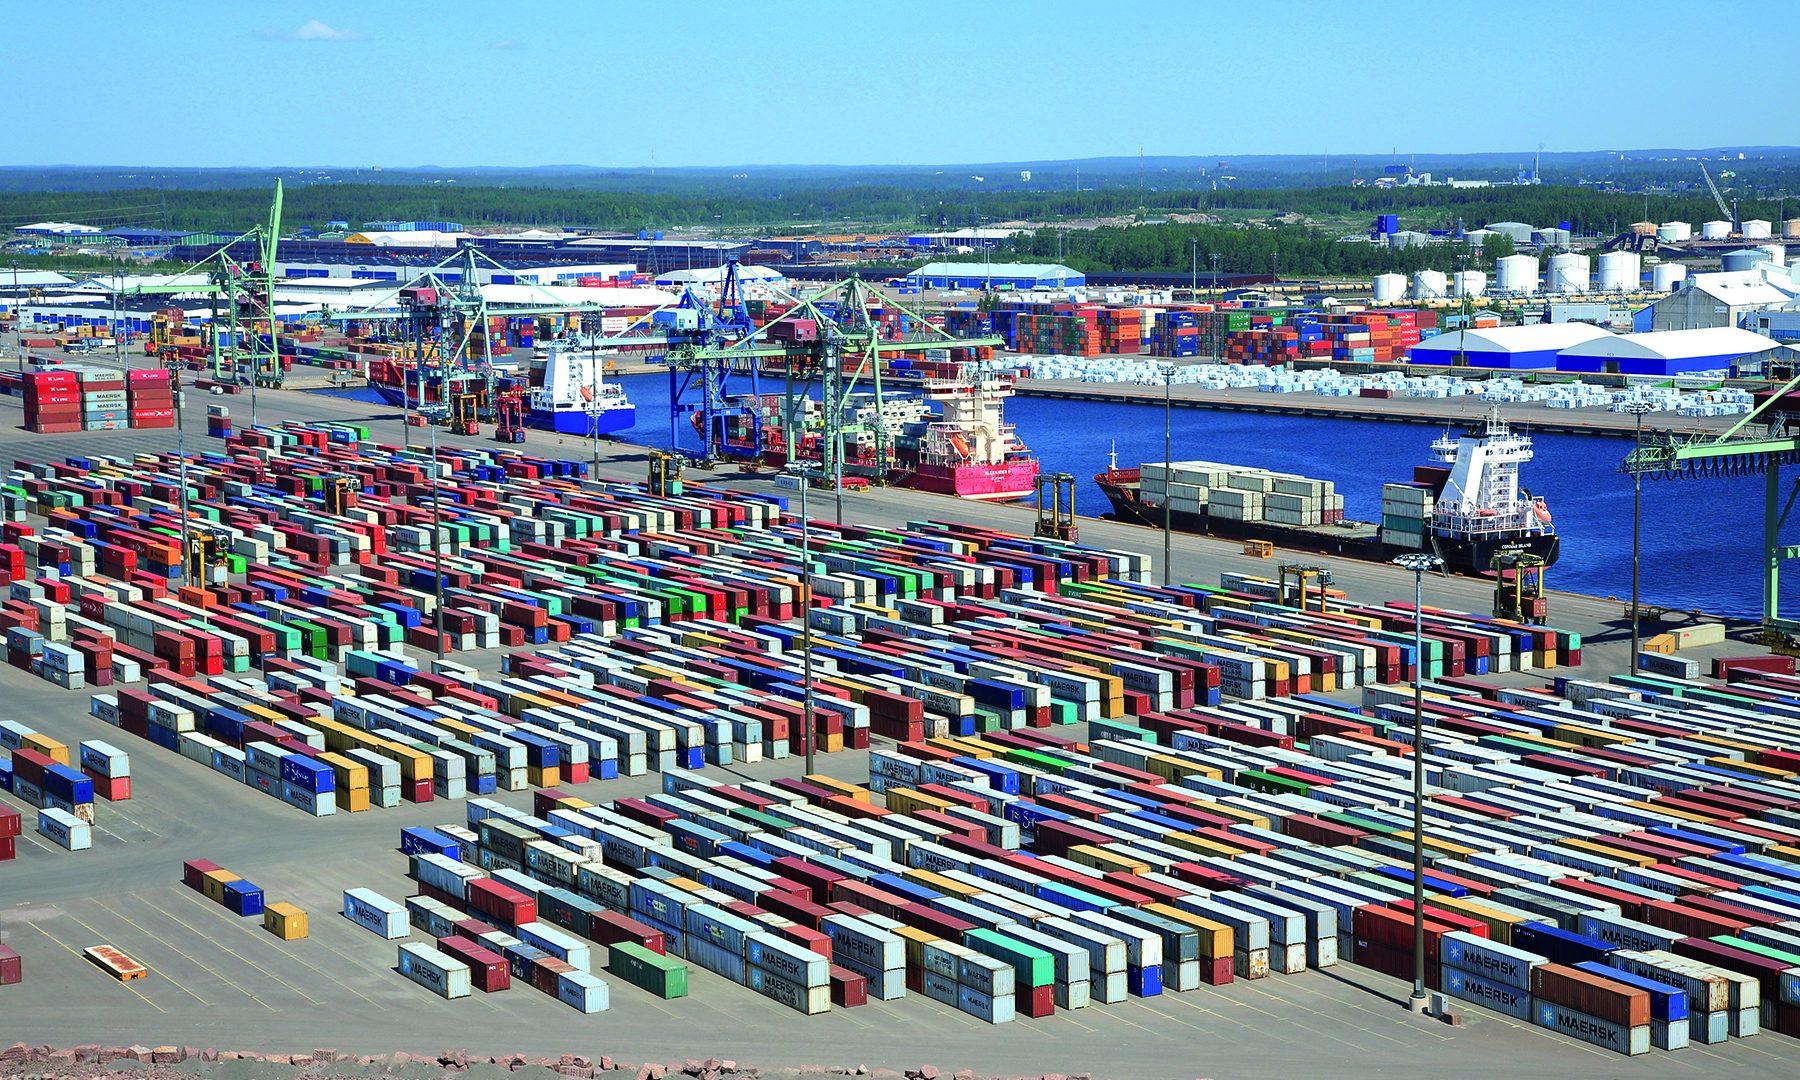 DigiPort-hankeessa digitaalisuutta ja avointa dataa satamiin